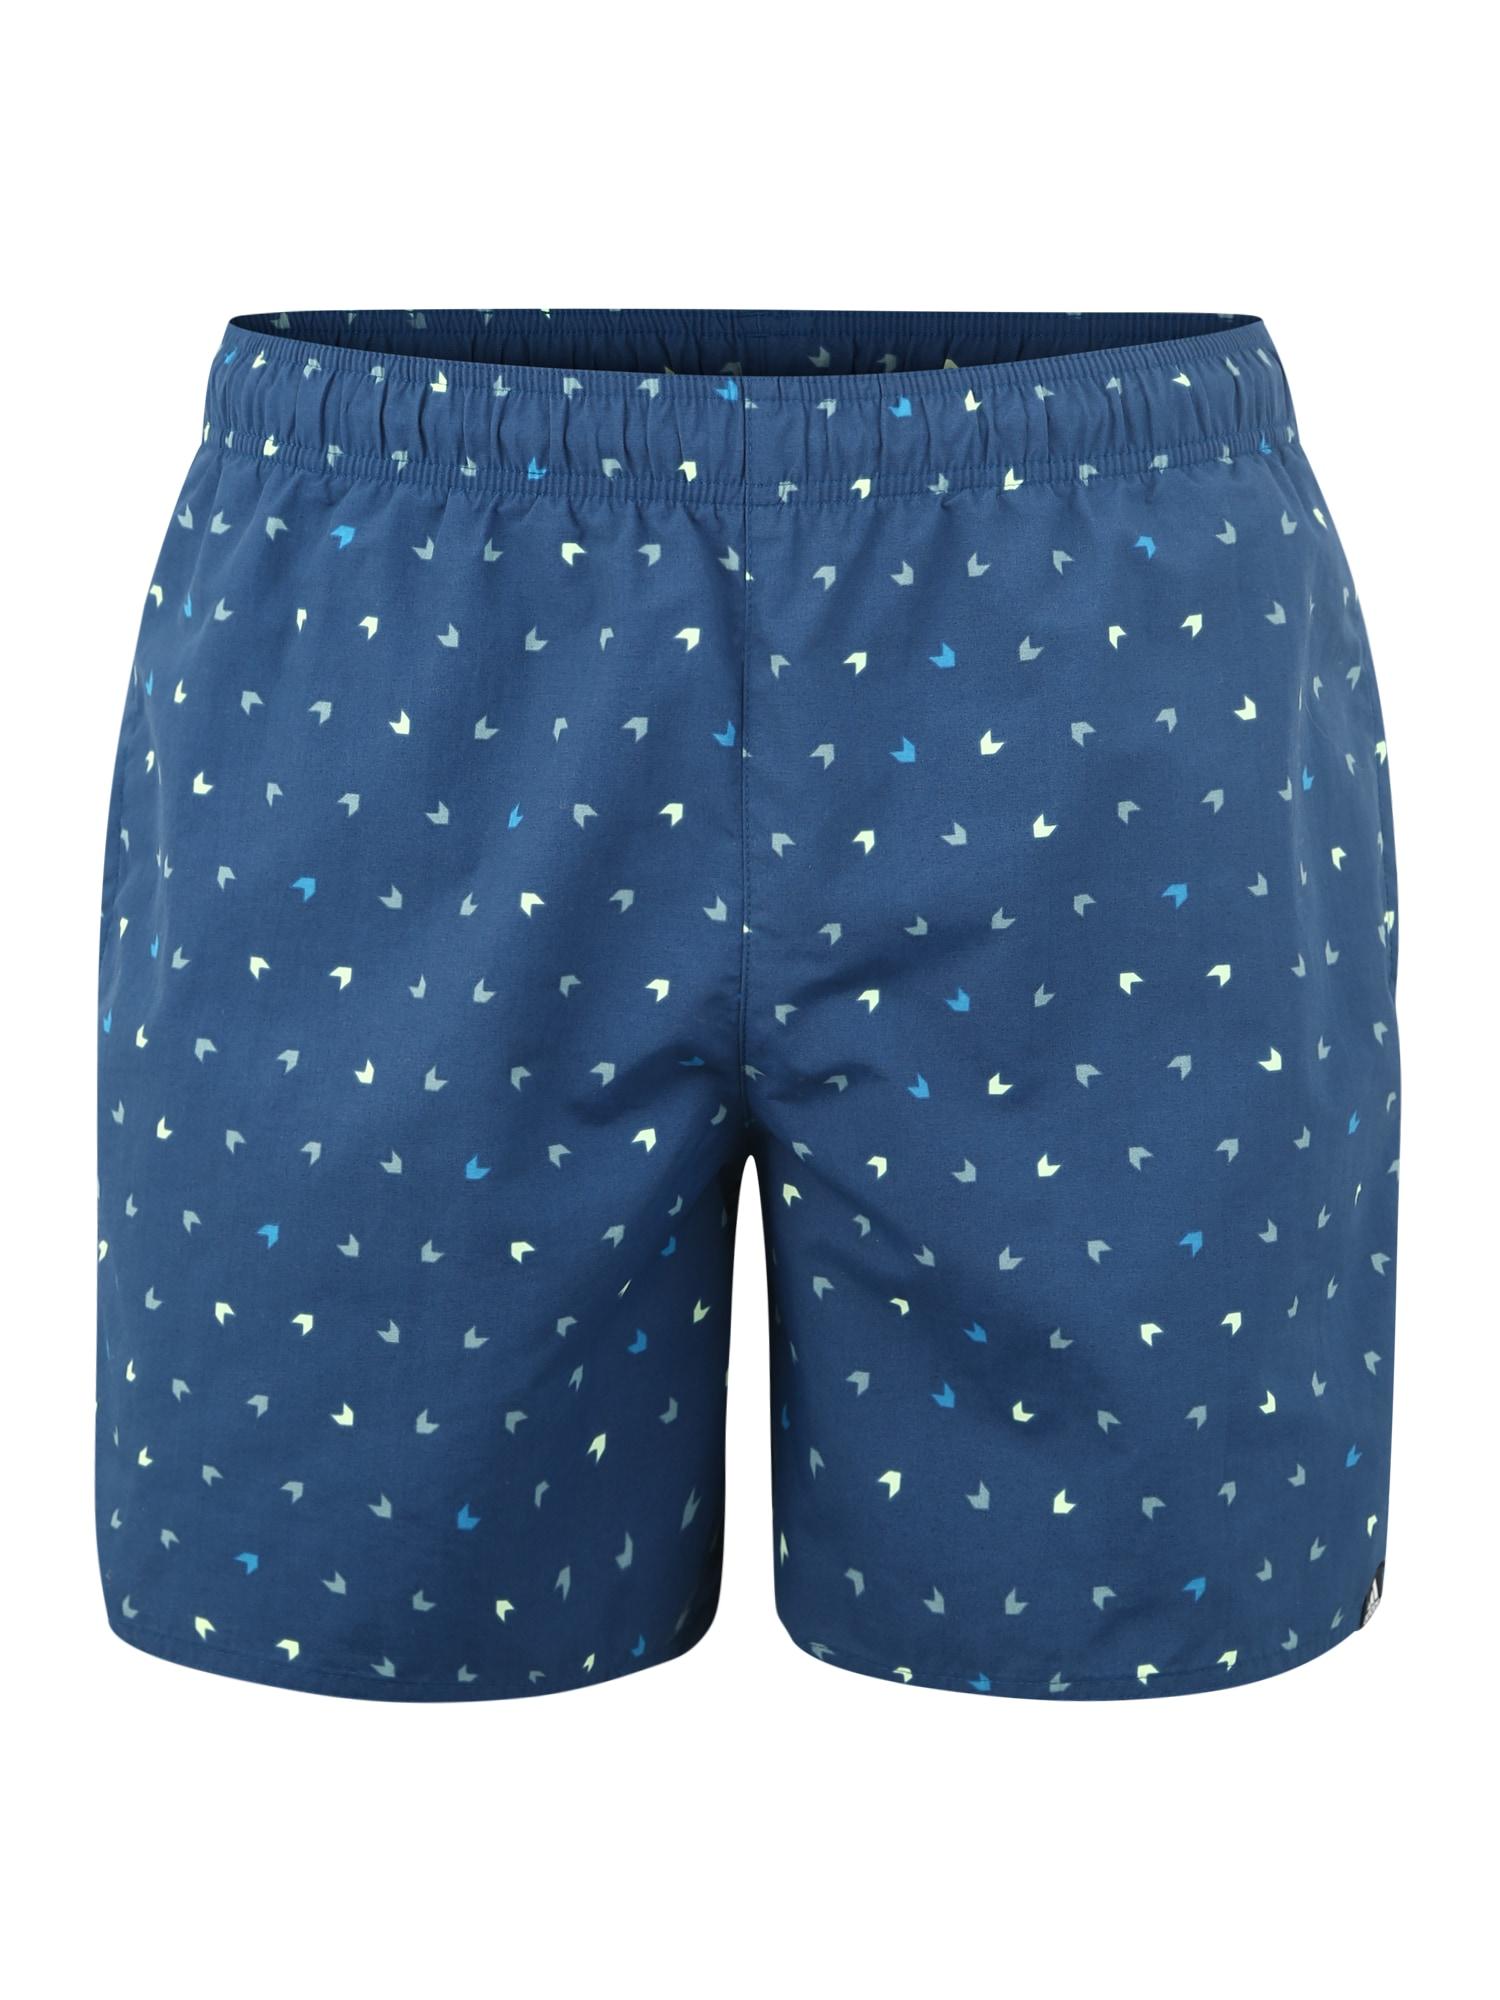 Sportovní kalhoty AOP SH SL tmavě modrá ADIDAS PERFORMANCE